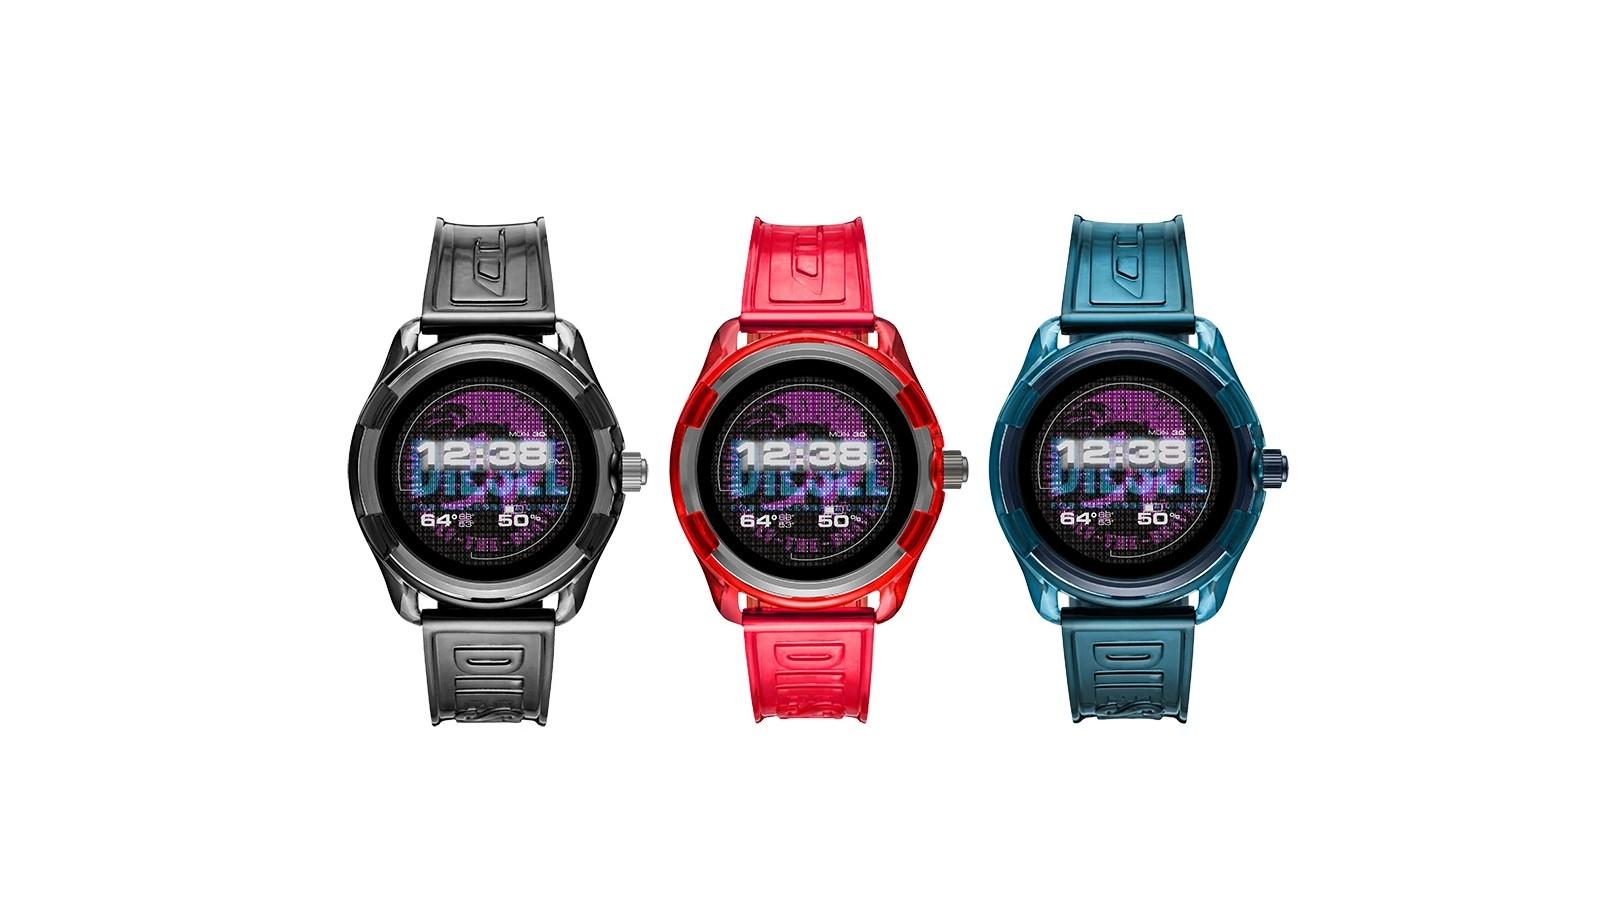 Diesel Fadelite jsou nové chytré hodinky s poloprůhledným tělem [CES]